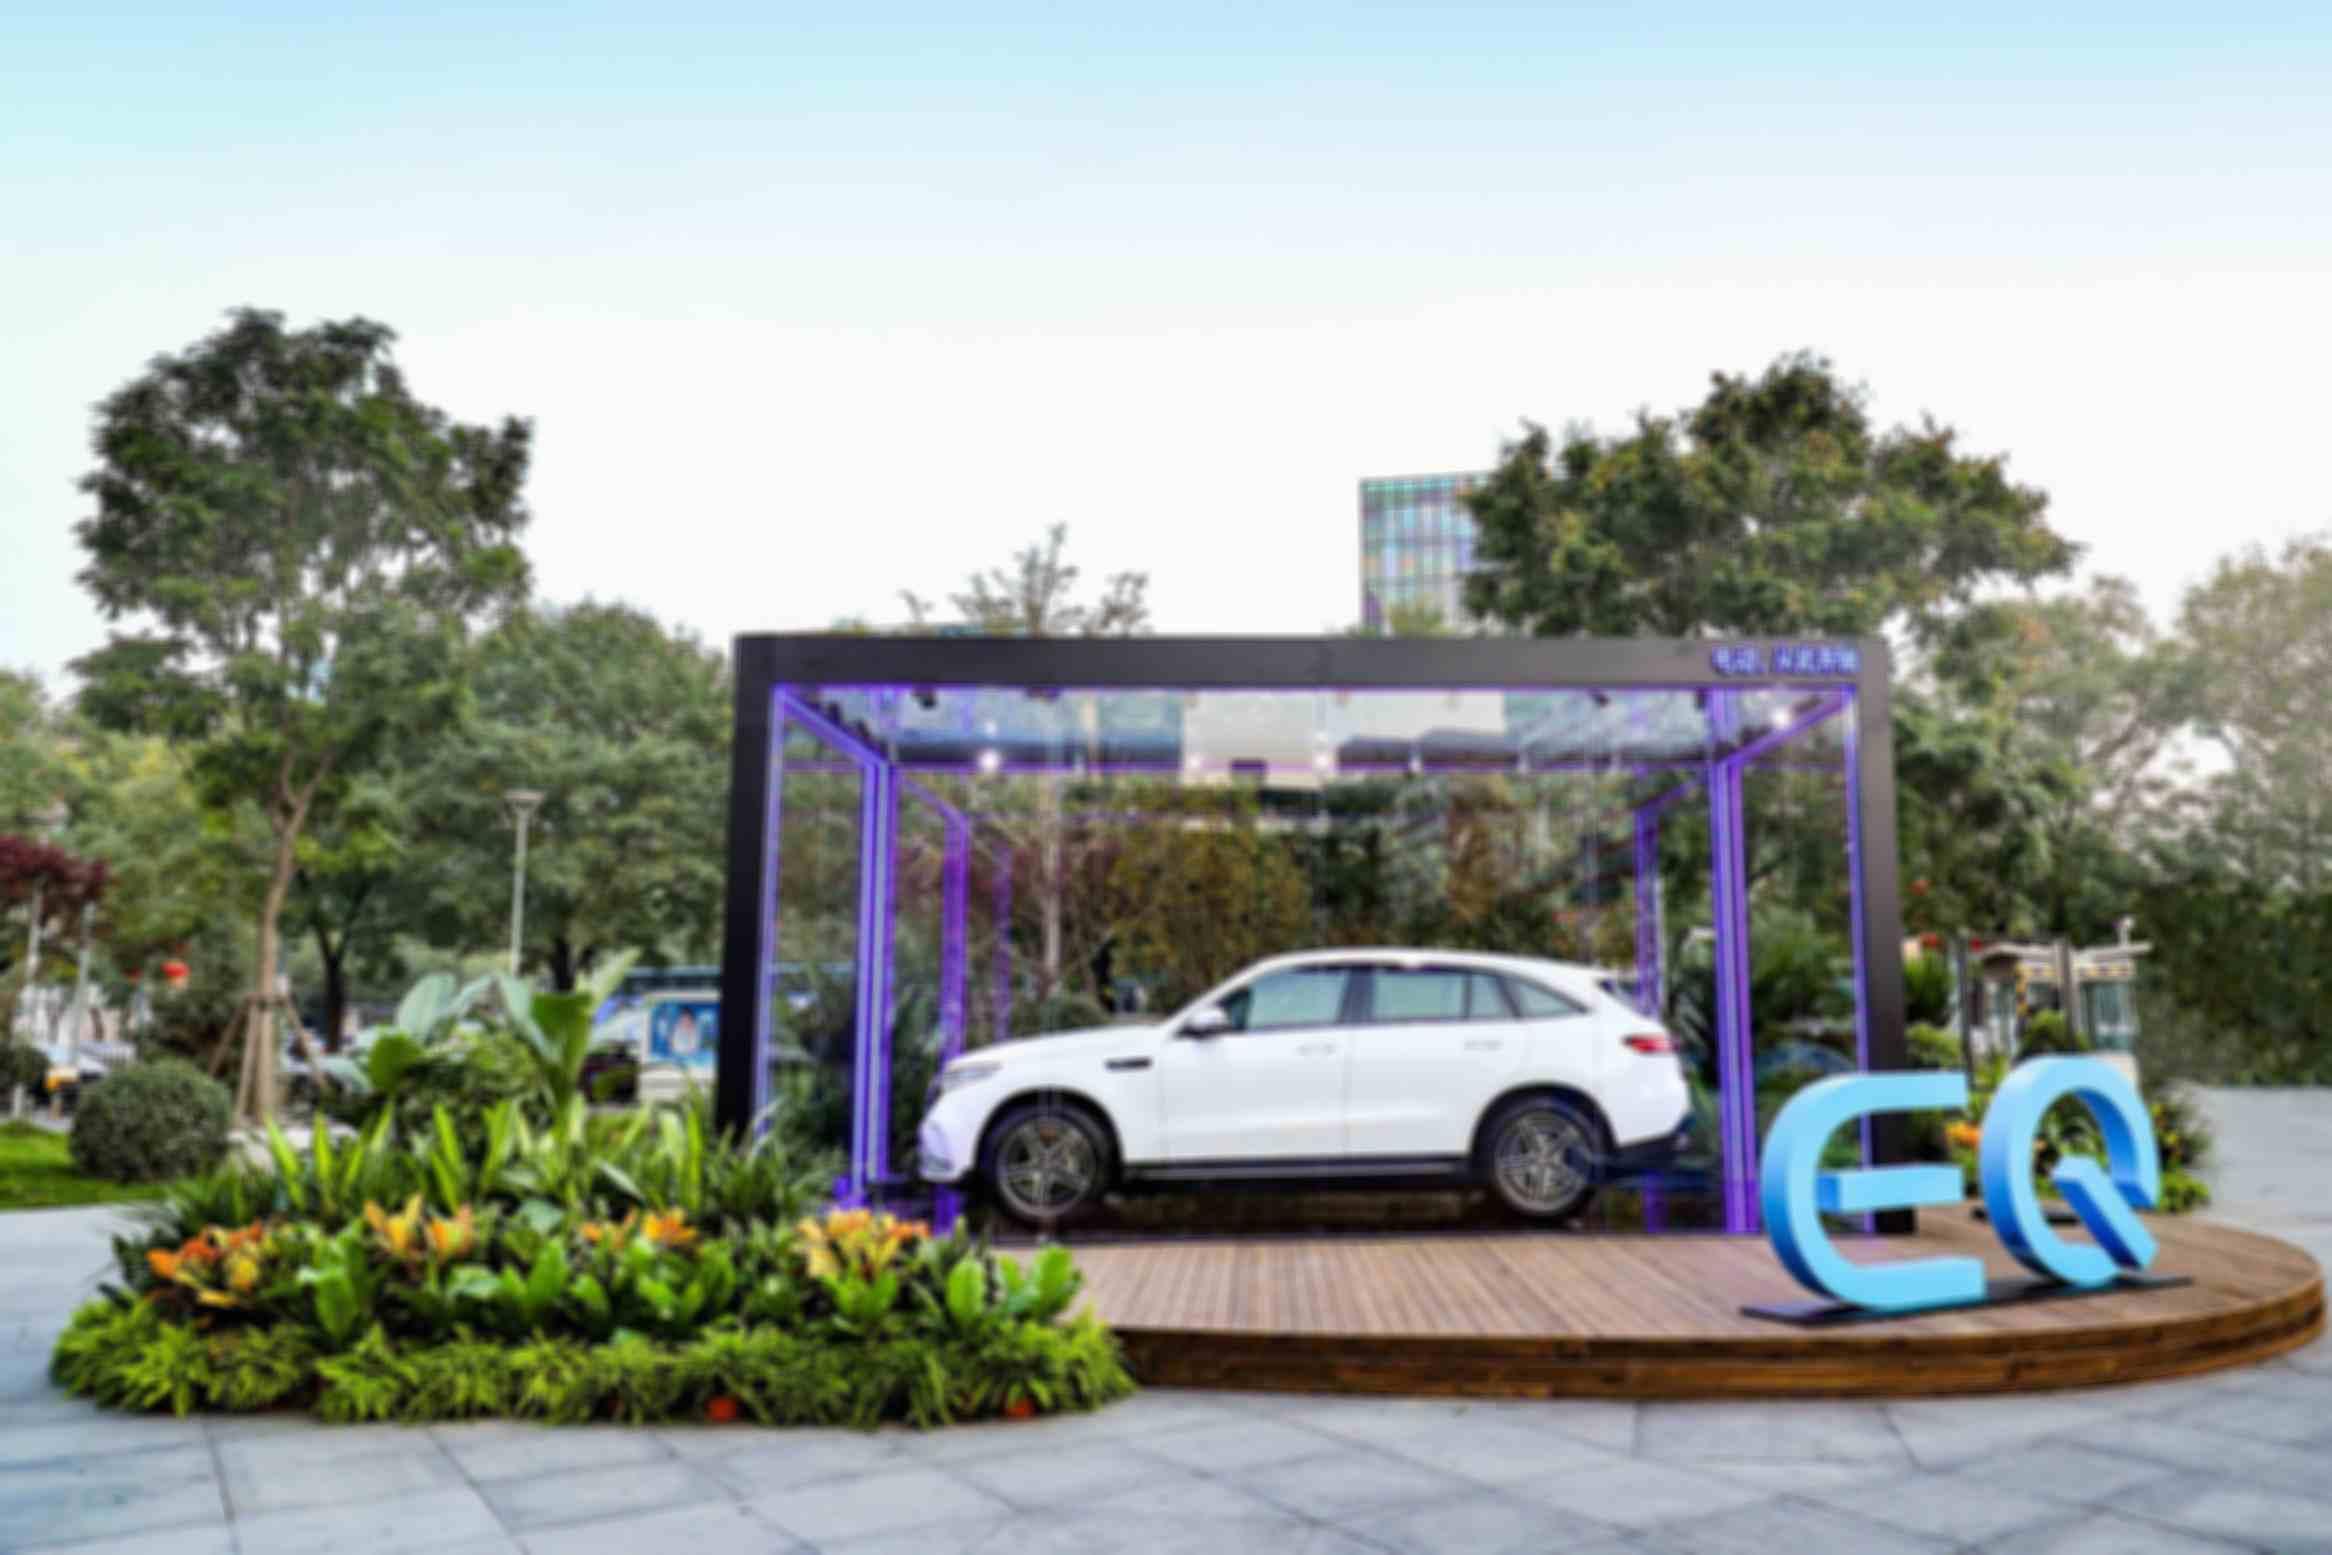 3.在Mercedes me Store北京三里屯体验店门口的展示区域内,全新EQC纯电SUV被打造成一件置身玻璃花园之中的装置艺术展示,犹如一件散发神秘气息的工业艺术品,令人在驻足观望之时为其所深深